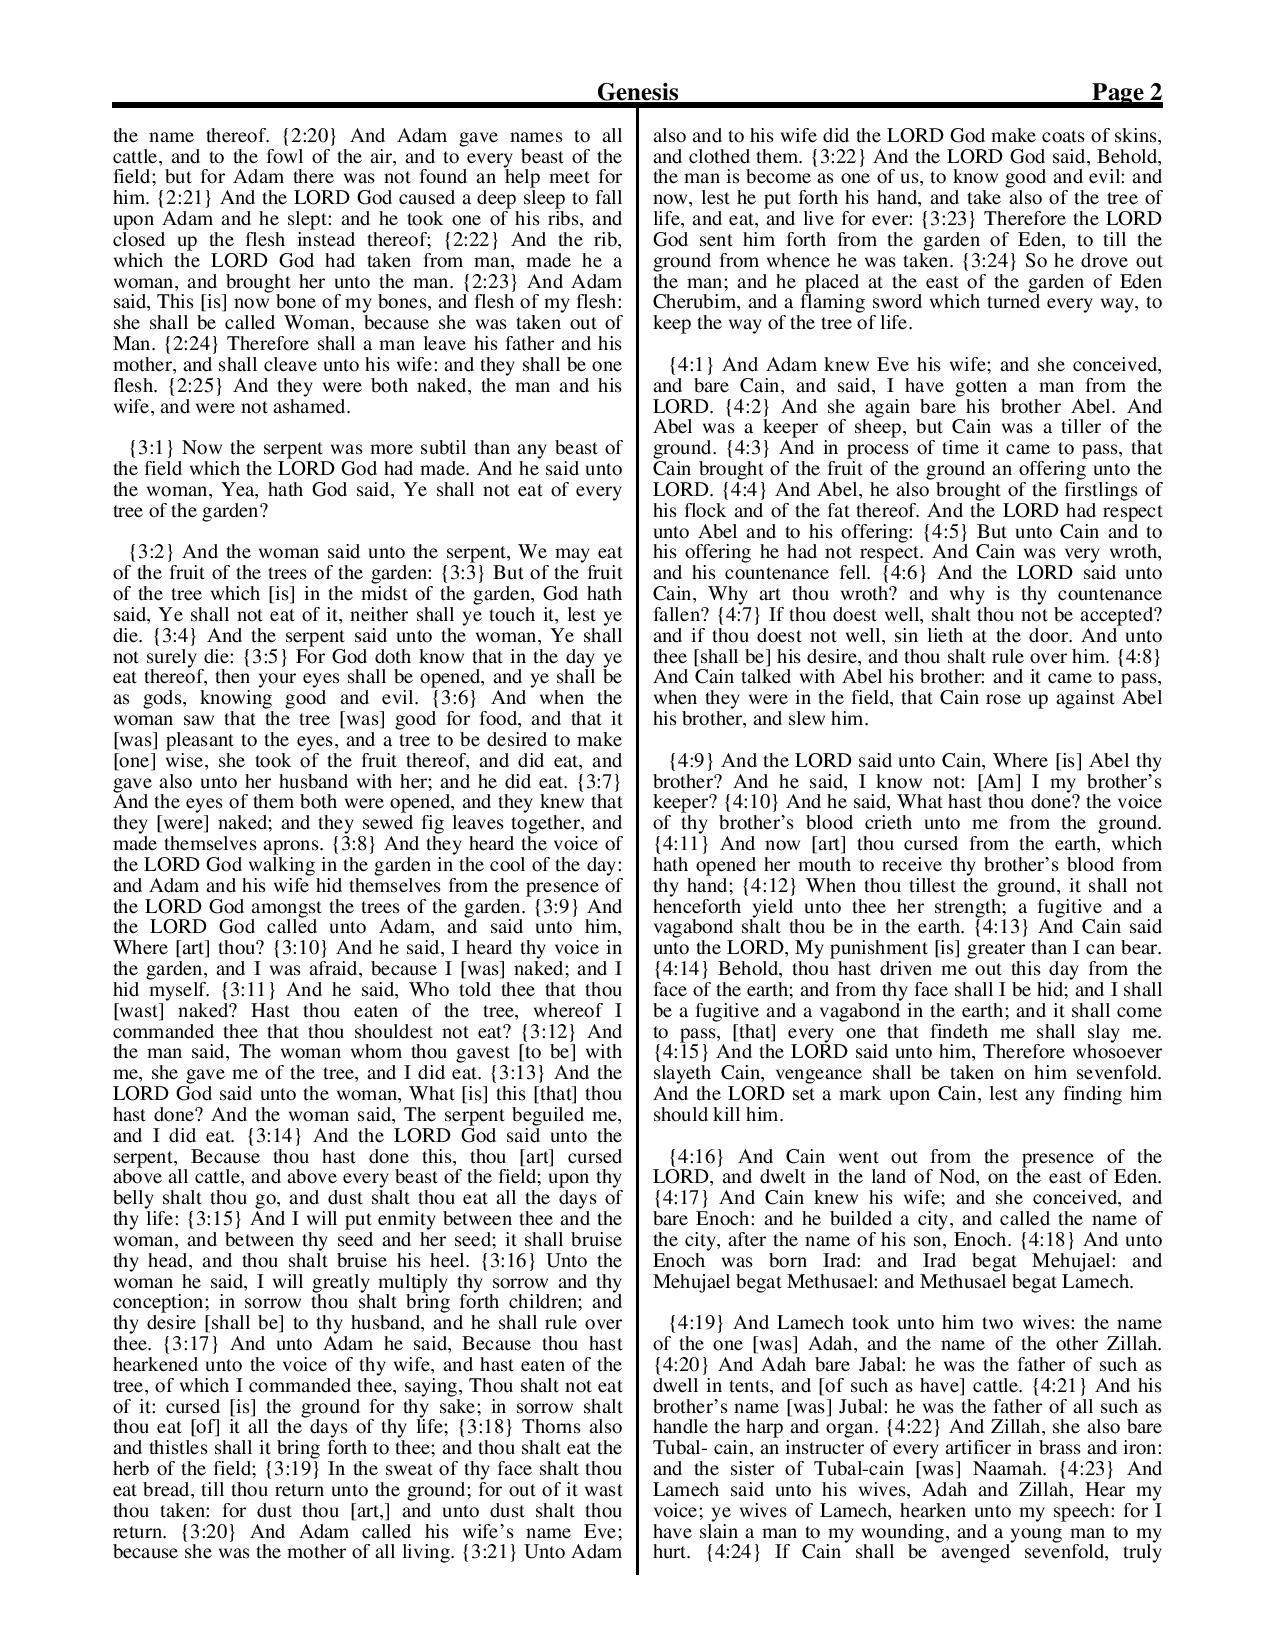 King-James-Bible-KJV-Bible-PDF-page-023